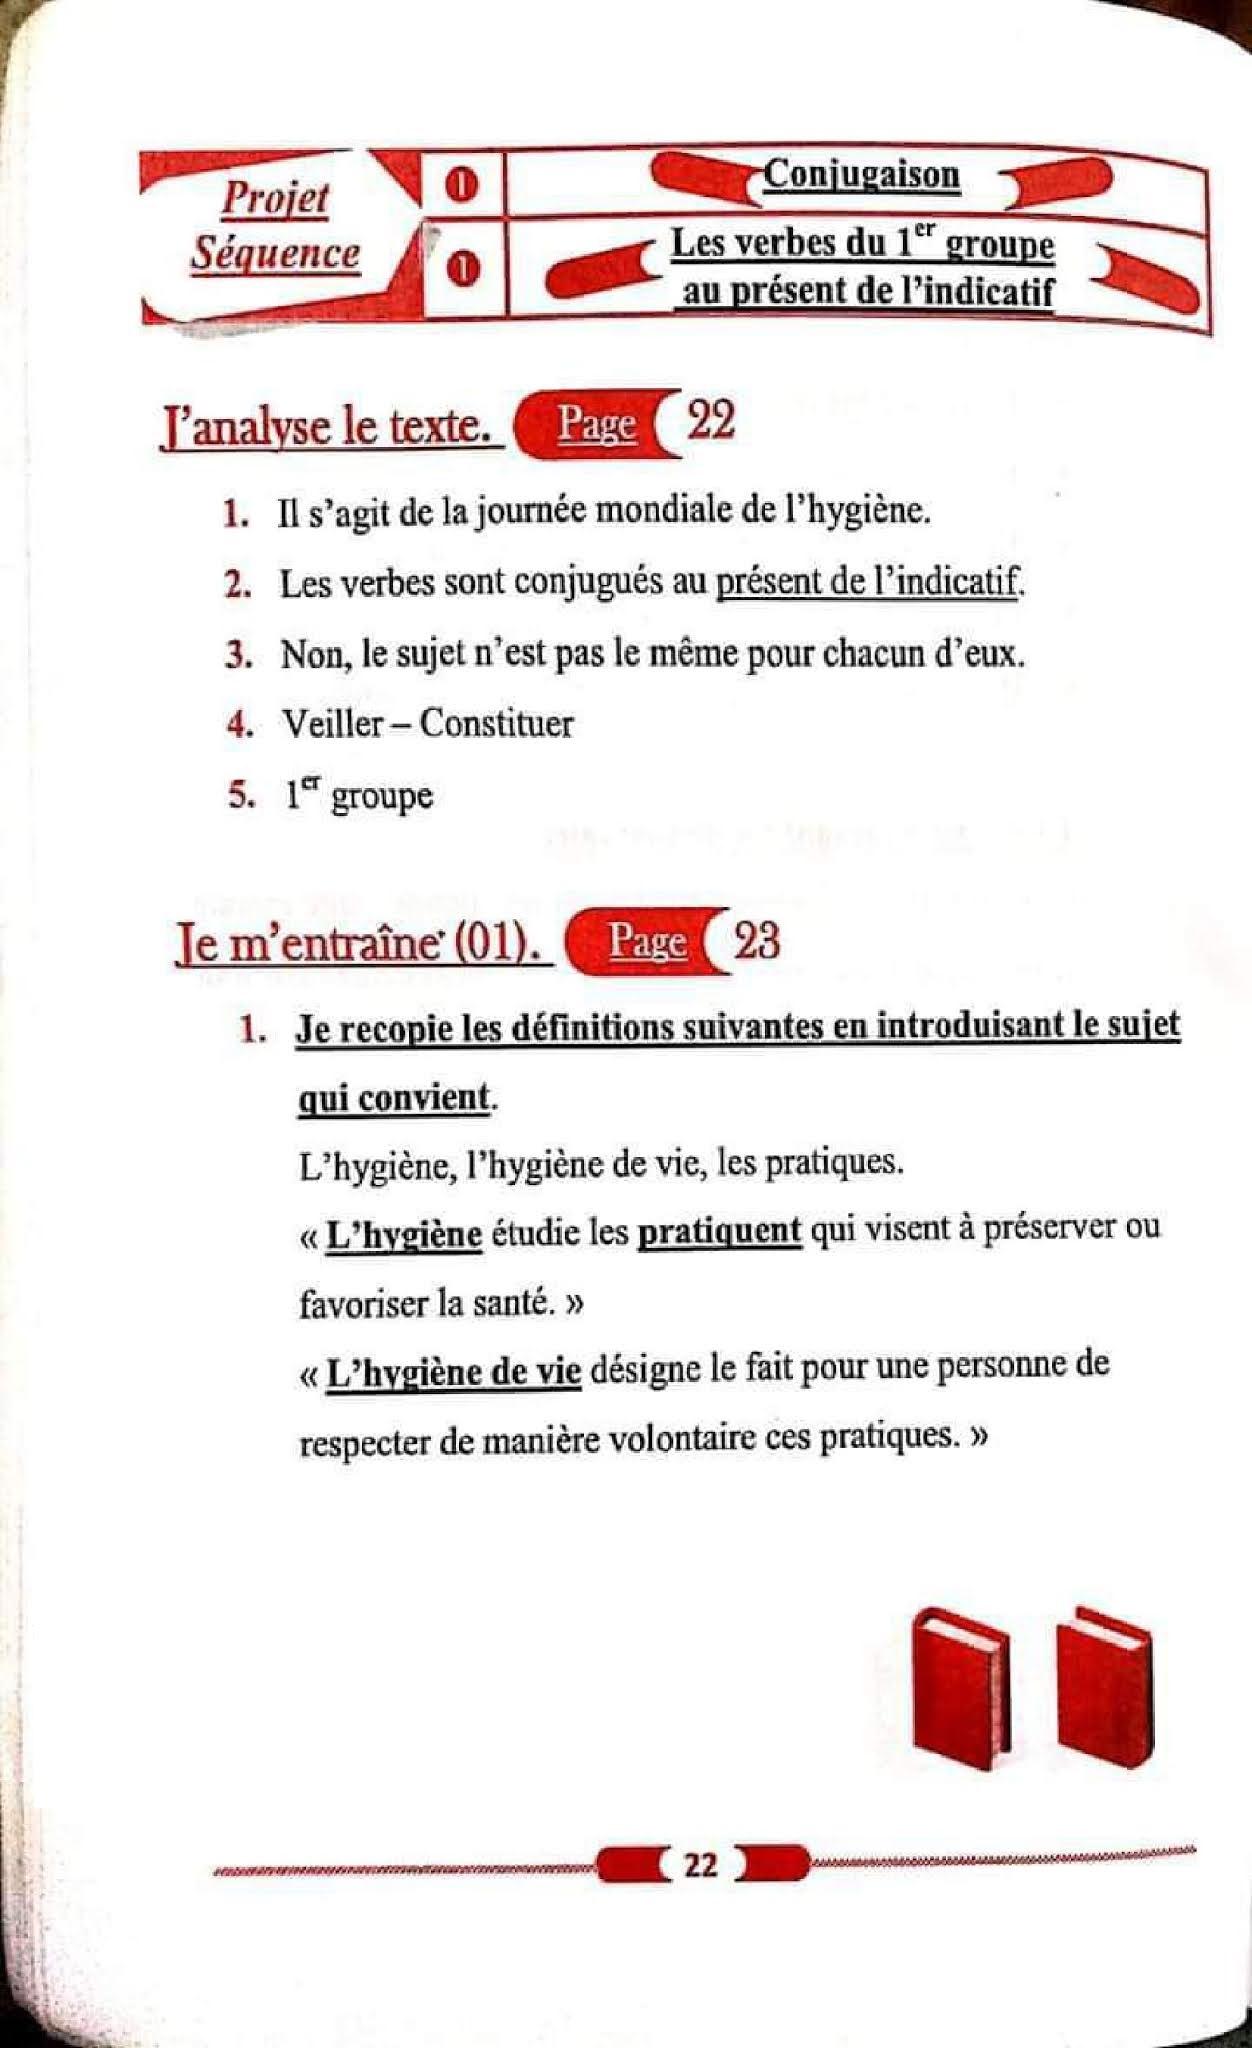 حل تمارين صفحة 22 الفرنسية 1 متوسط الجيل الثاني